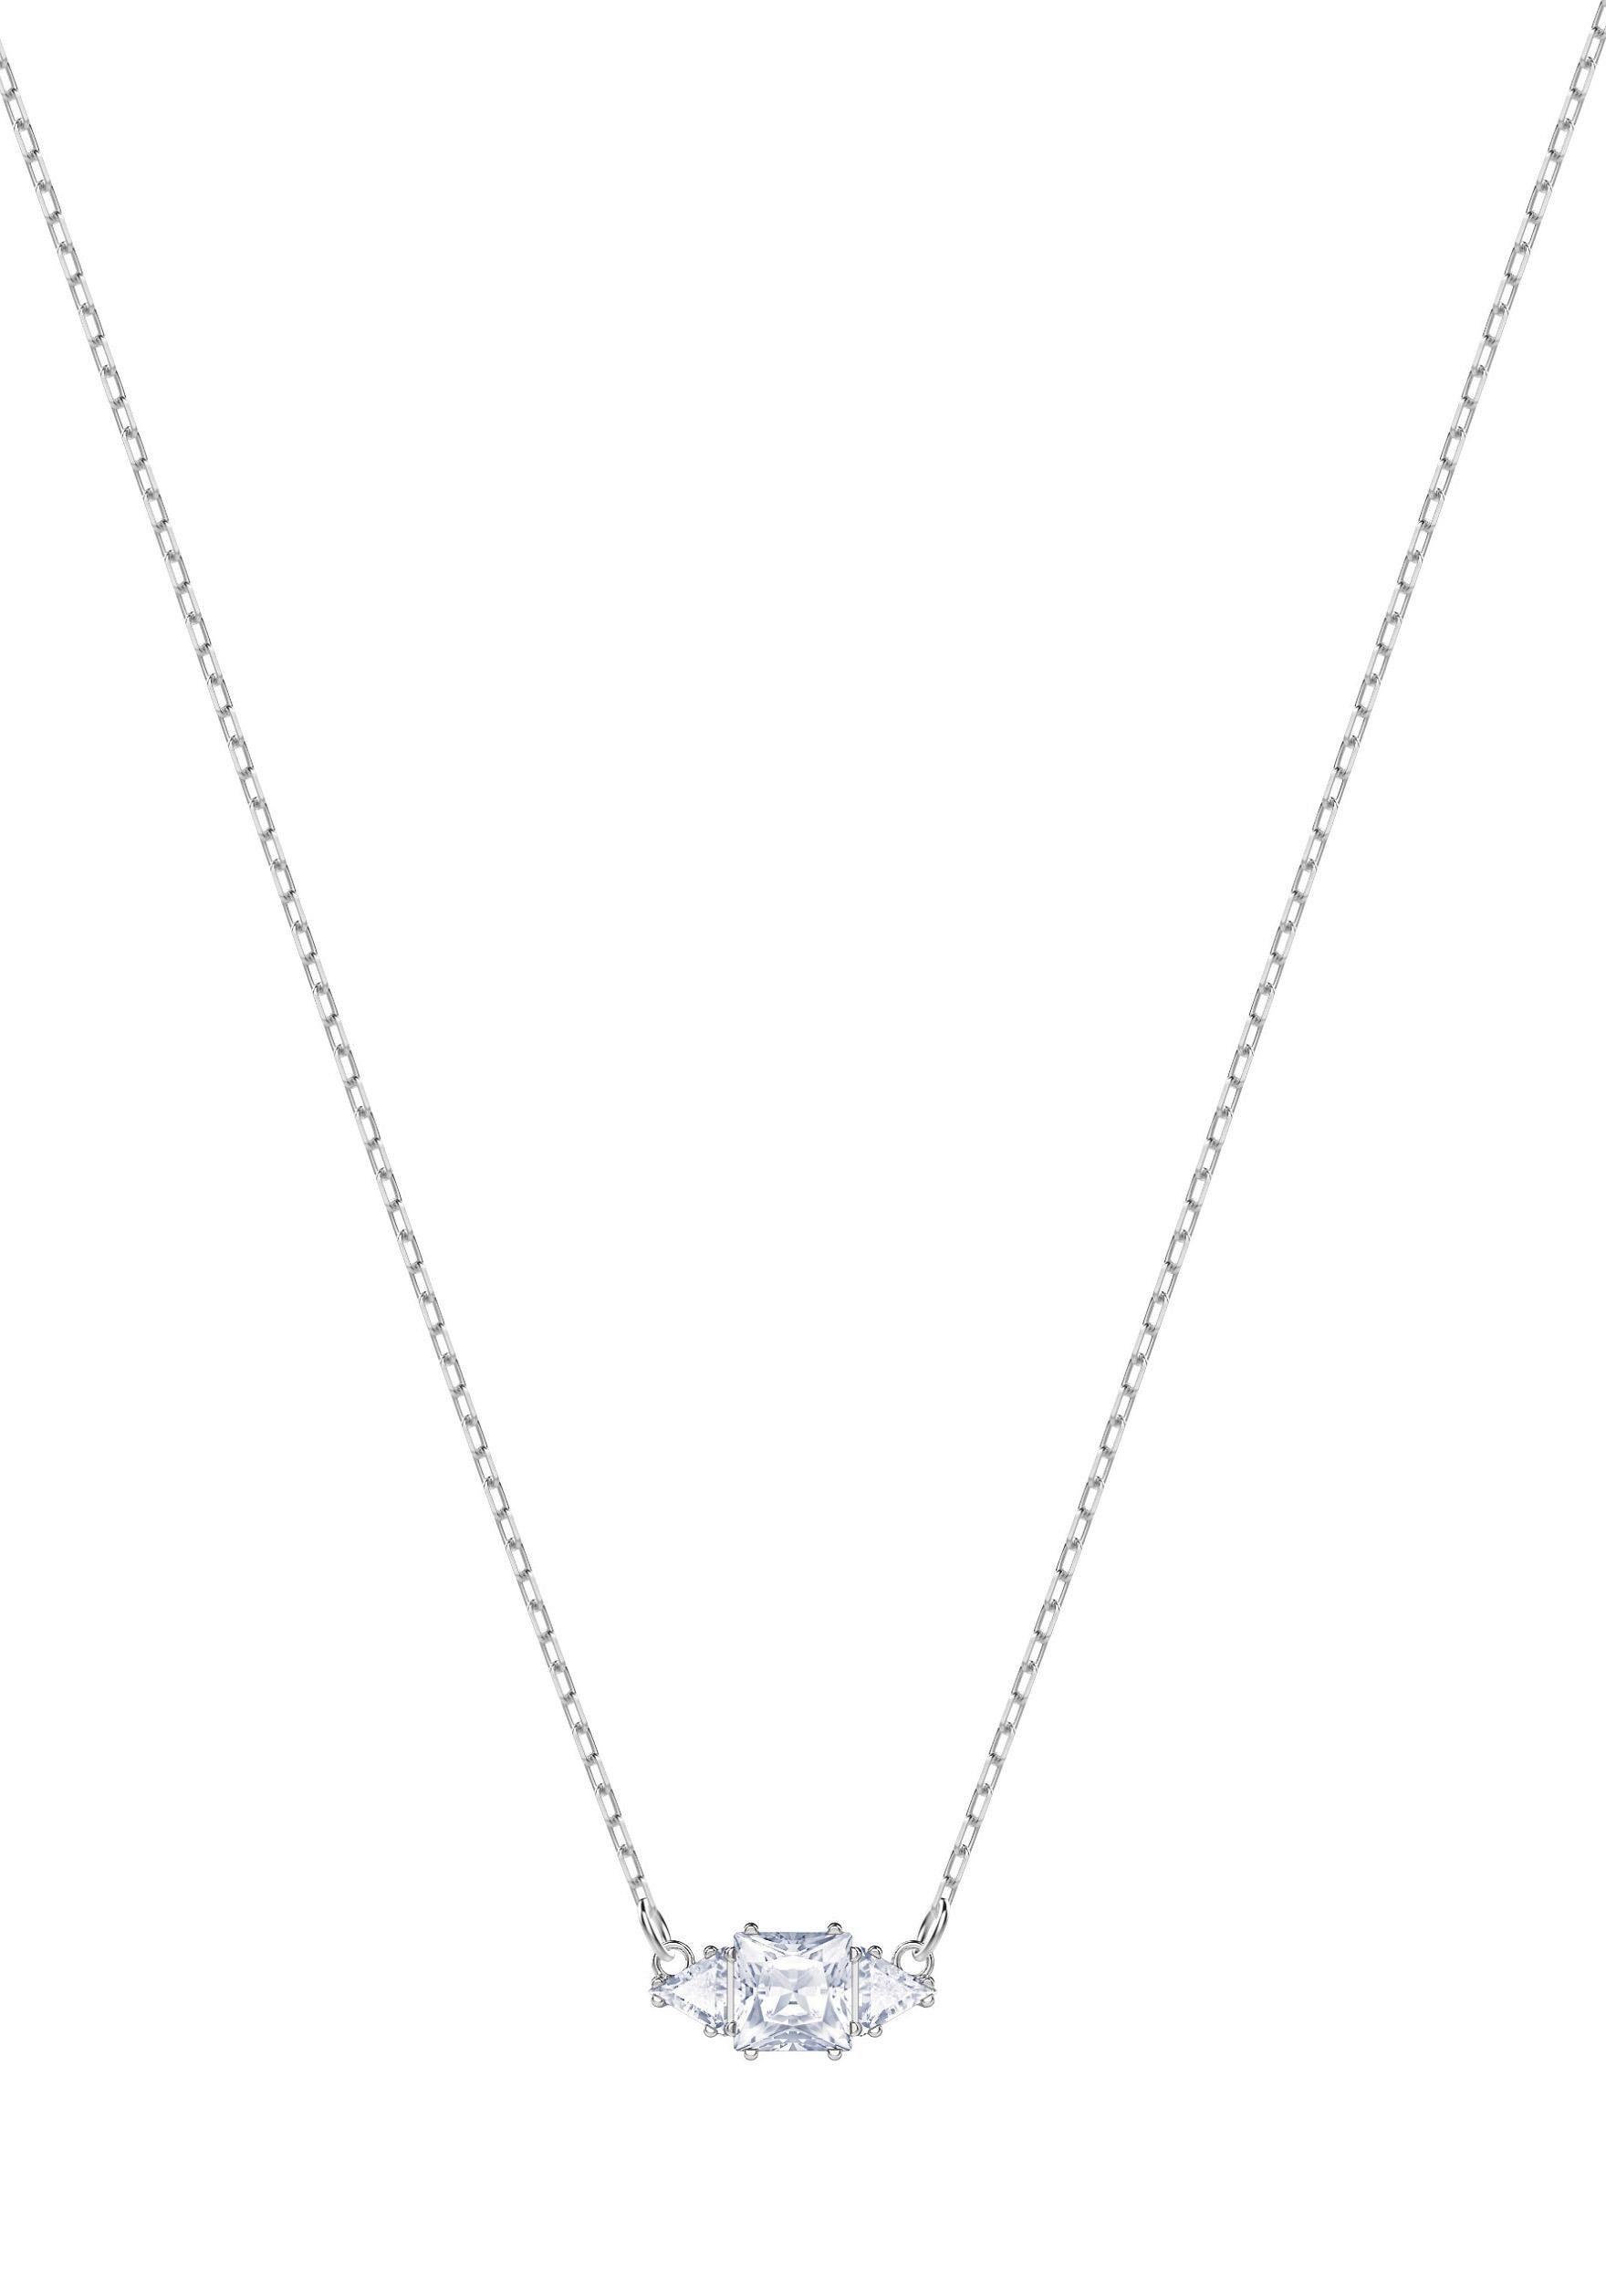 Swarovski Kette mit Anhänger »Attract Halskette, weiss, rhodiniert, 5392924« mit Swarovski® Kristallen